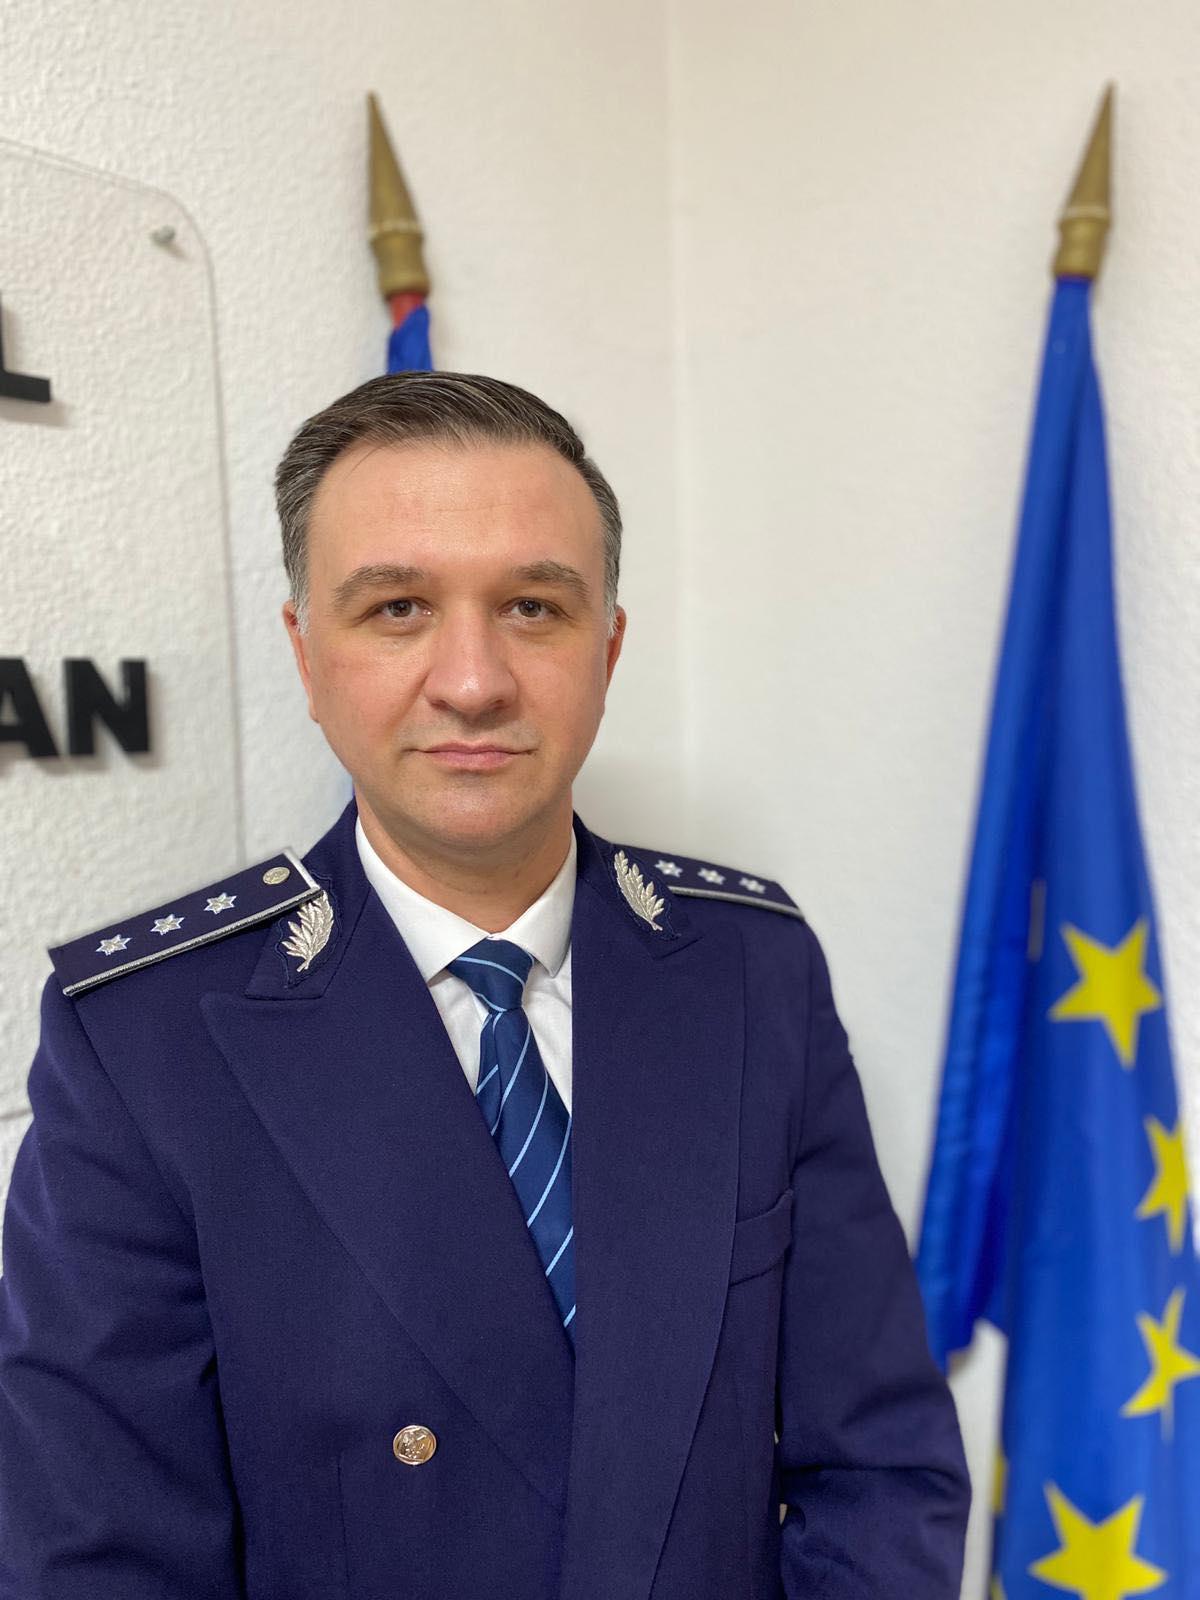 Profesionist! Comisarul şef Uţă Nicolae Gabriel, noul şef al Poliţiei Rutiere Dâmboviţa